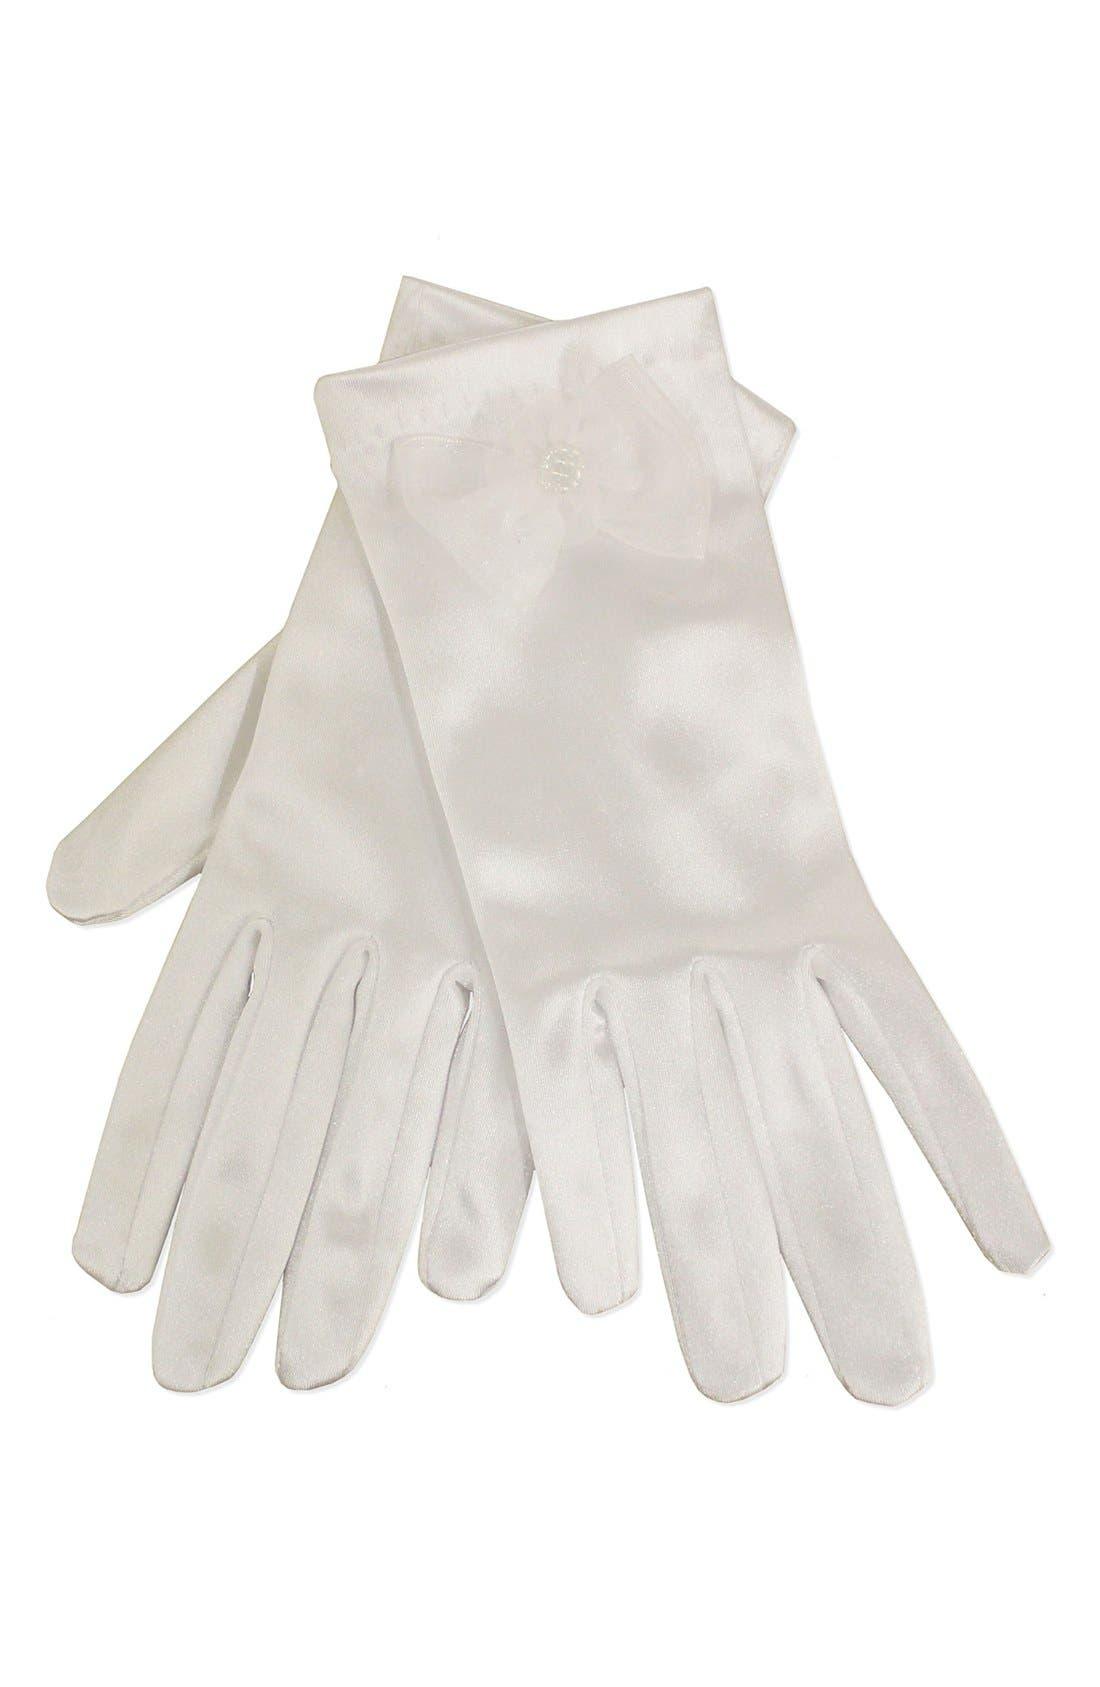 SORBET Stretch Satin Gloves